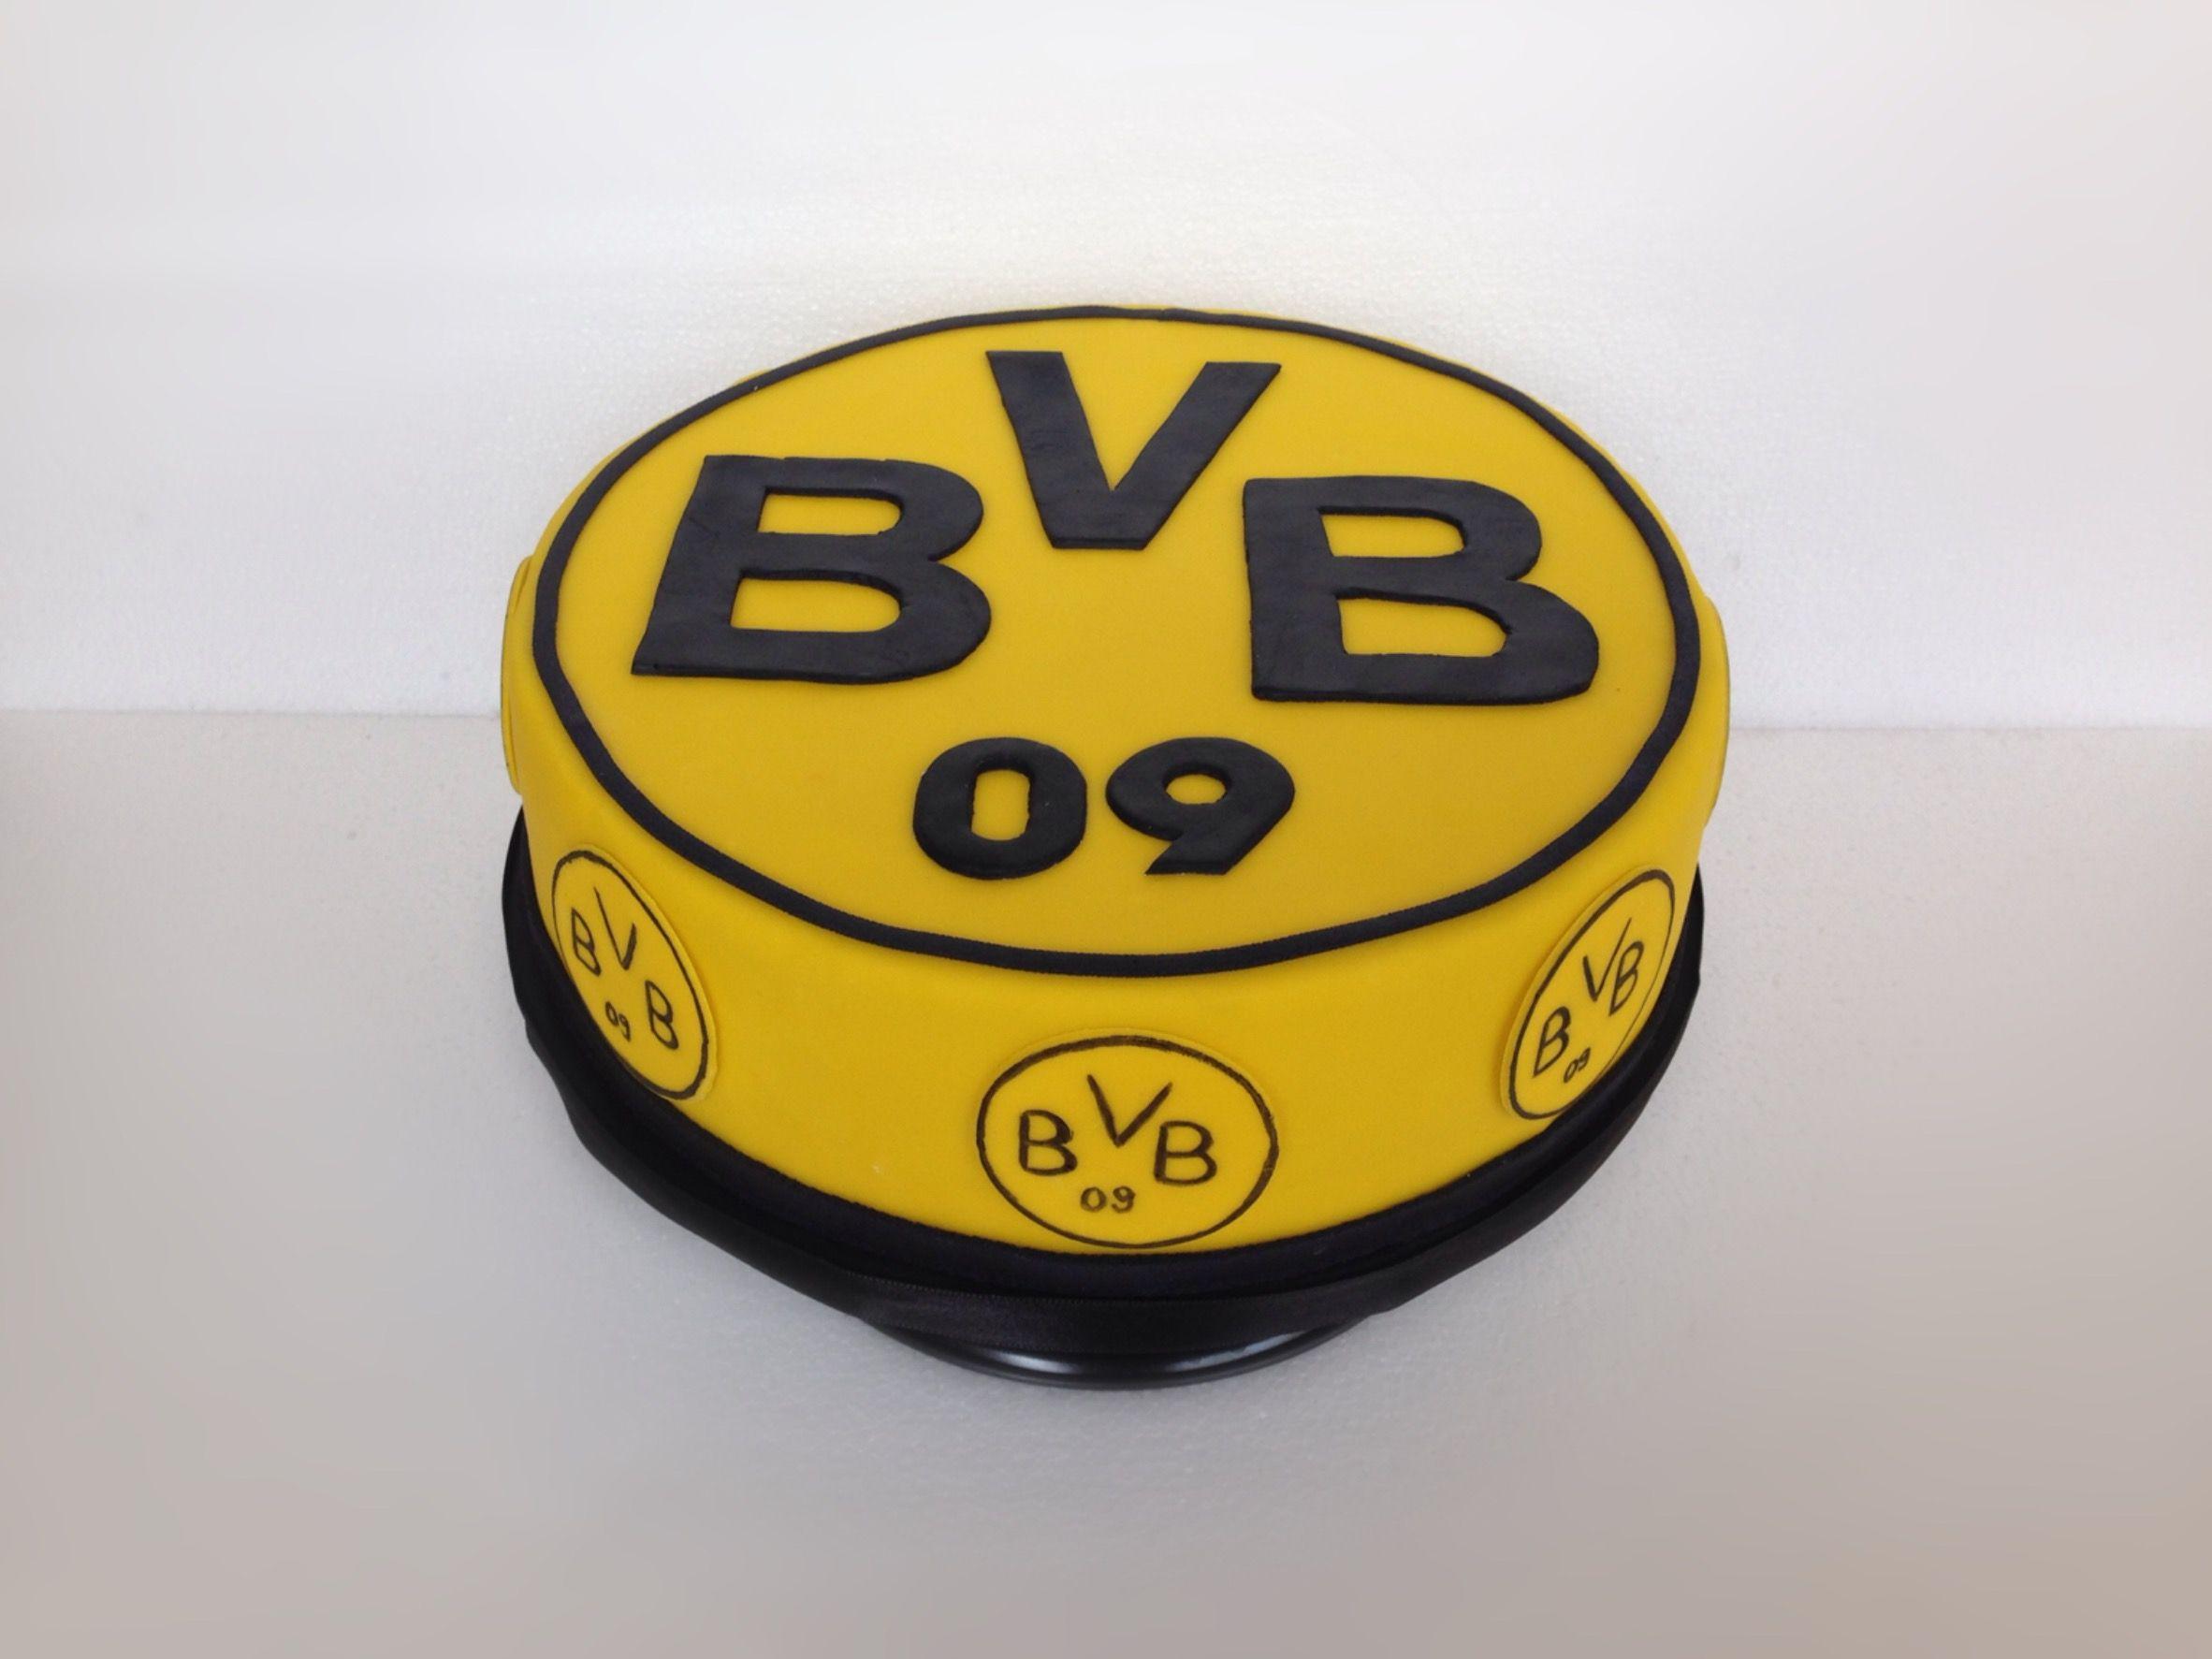 BVB 09 Torte  Motivtorte Fuball Bor  Motivtorten